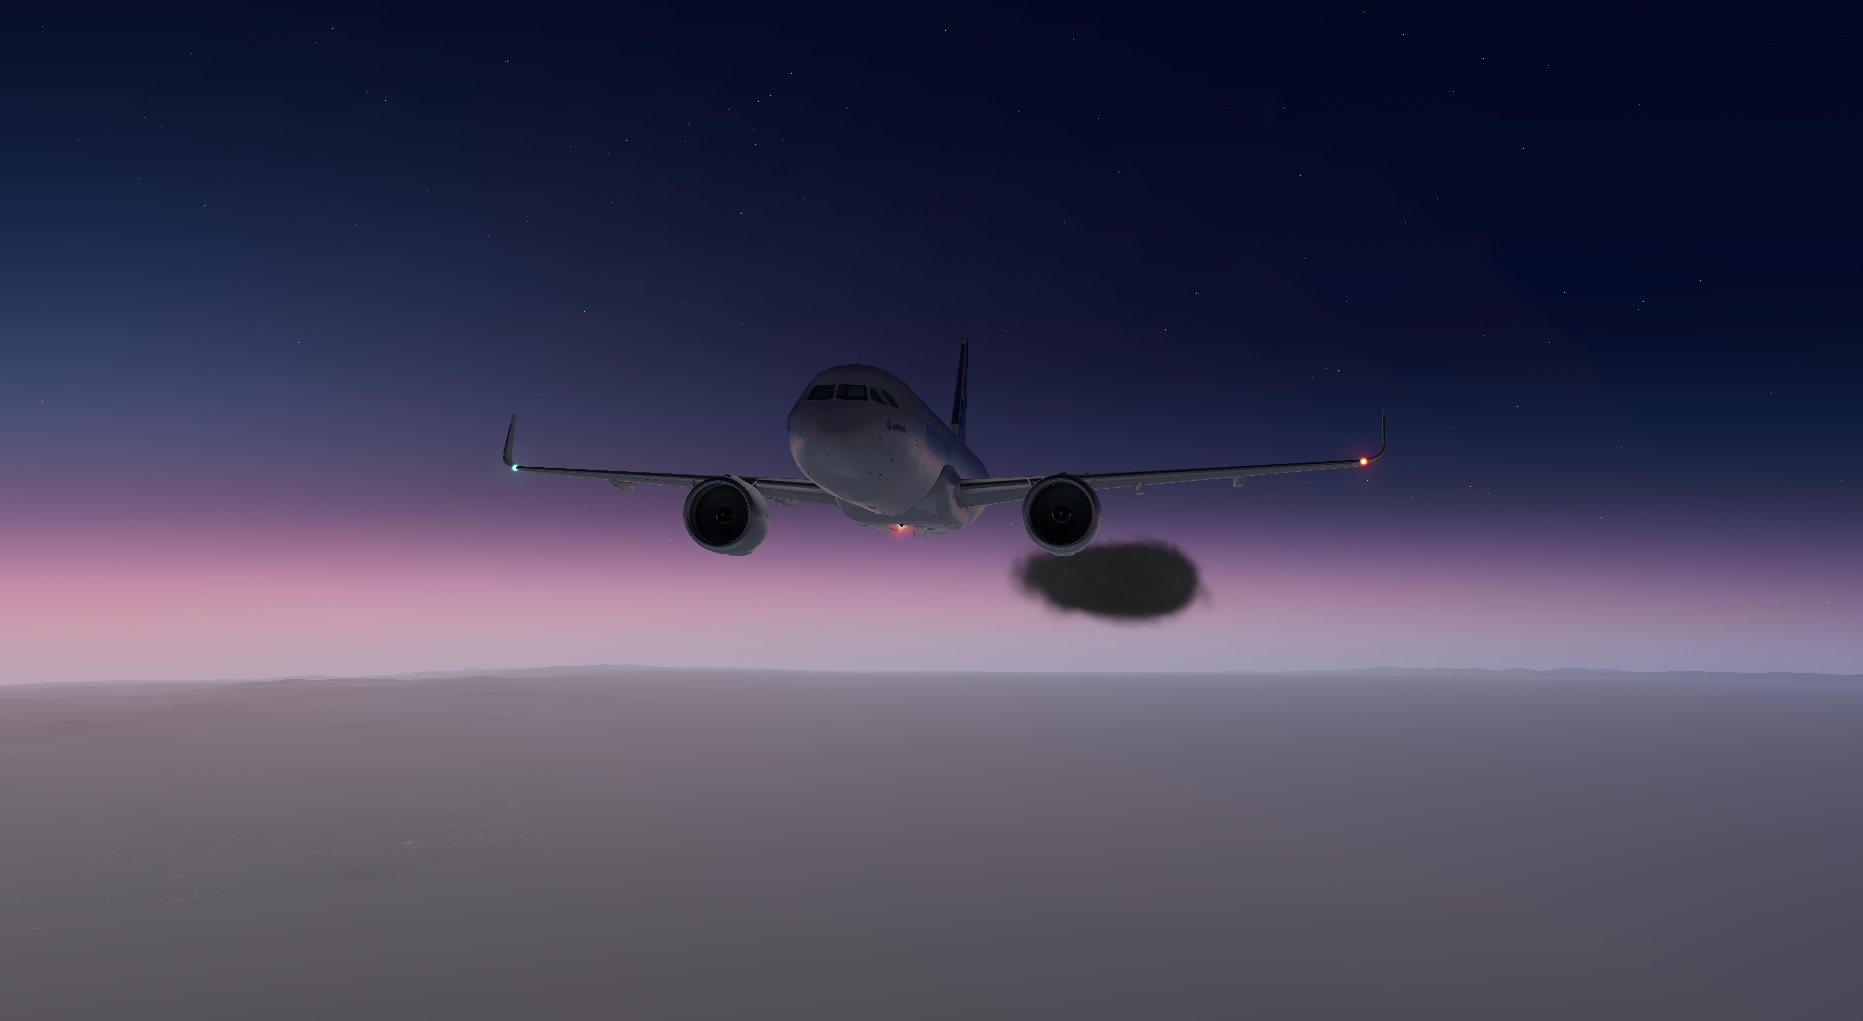 Sunset en-route to LYTV from LJLJ